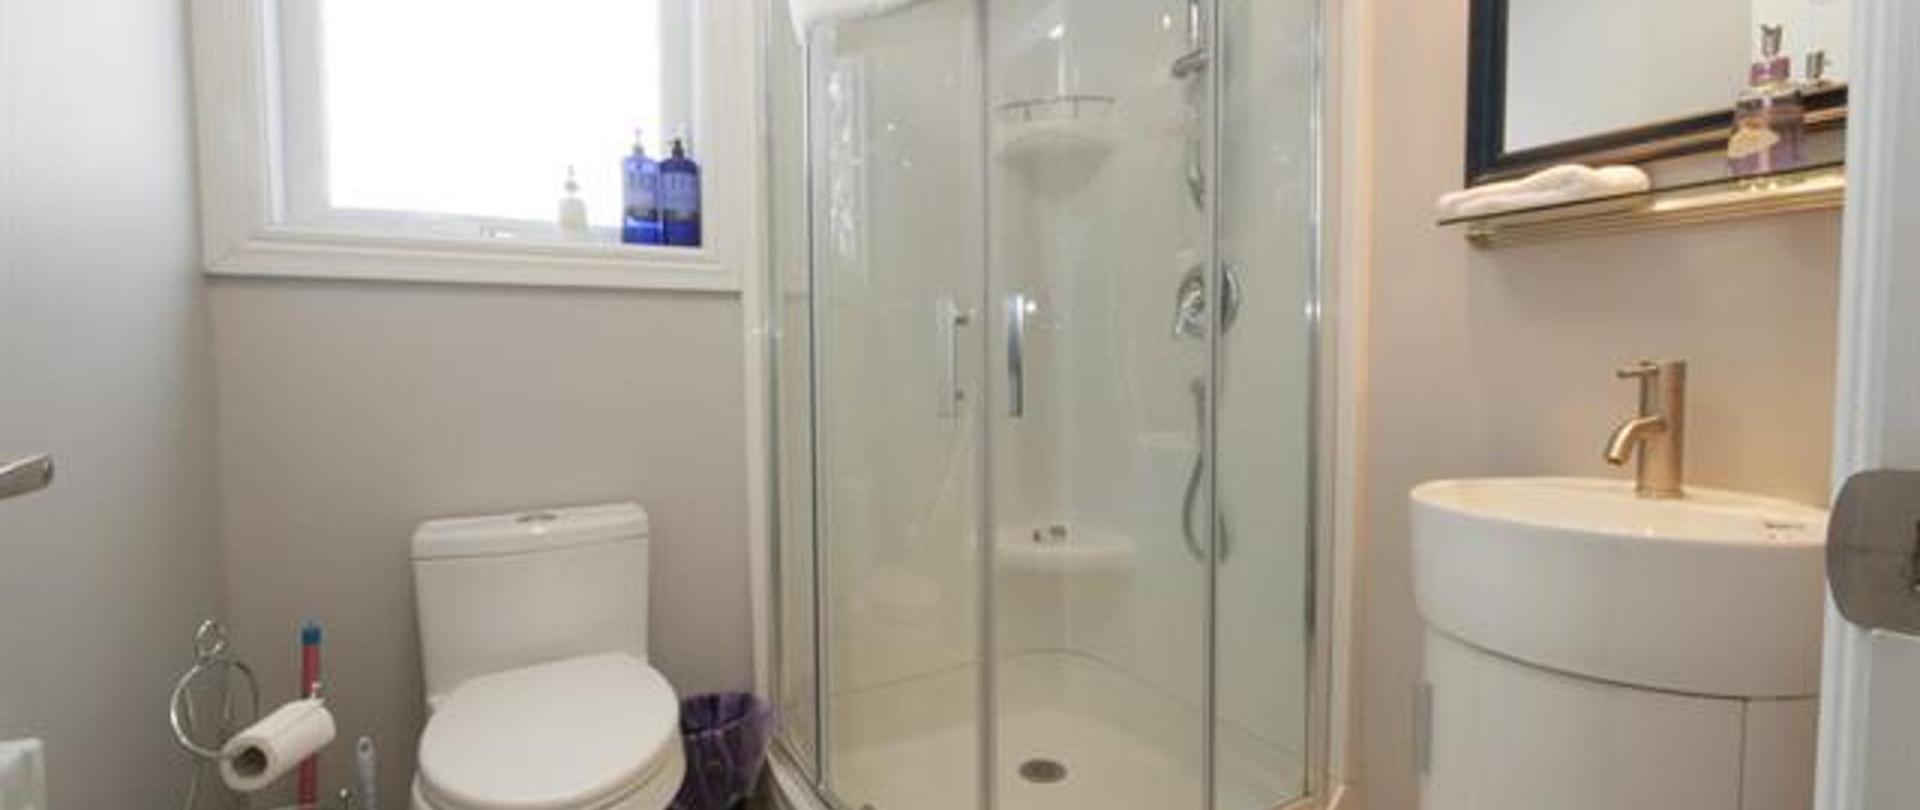 GZ-salle de bain.jpg